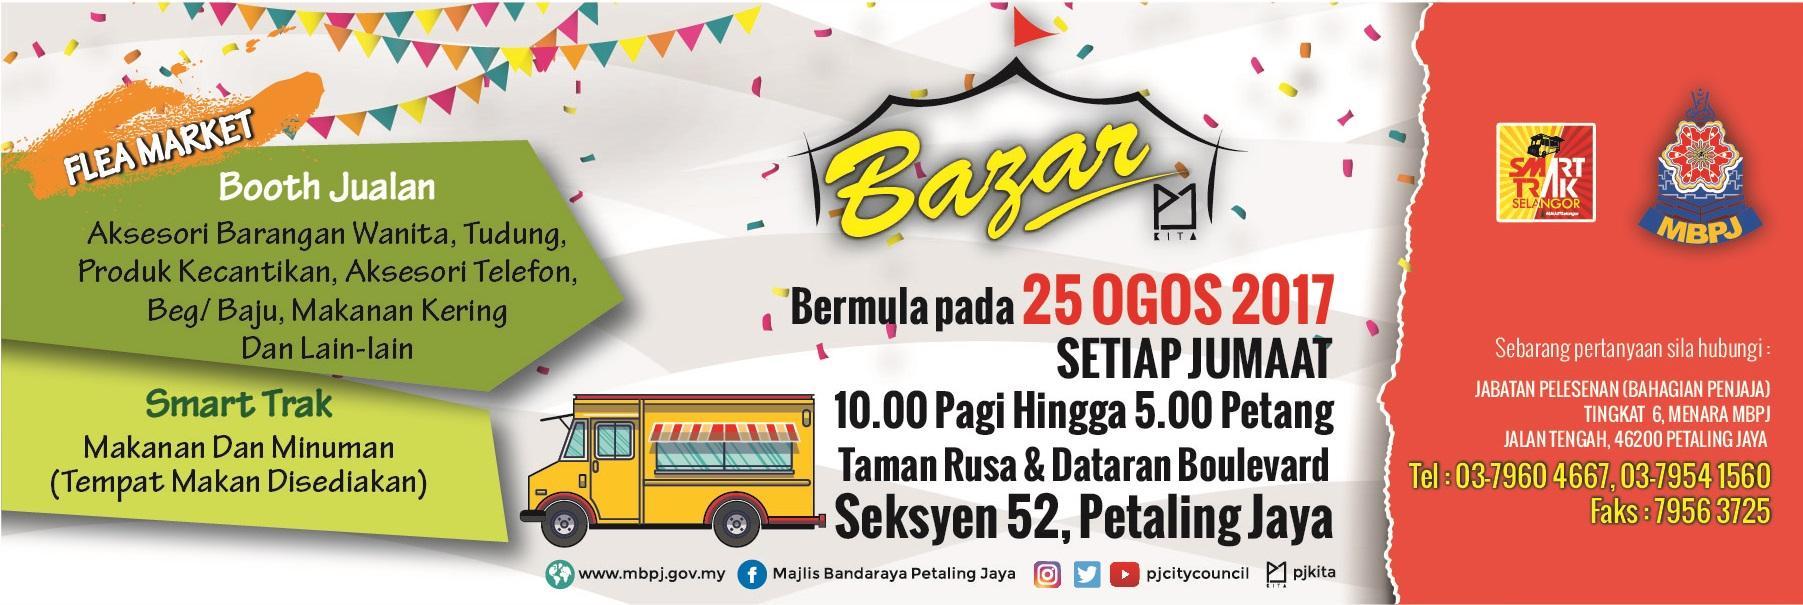 Bazar PJ Kita